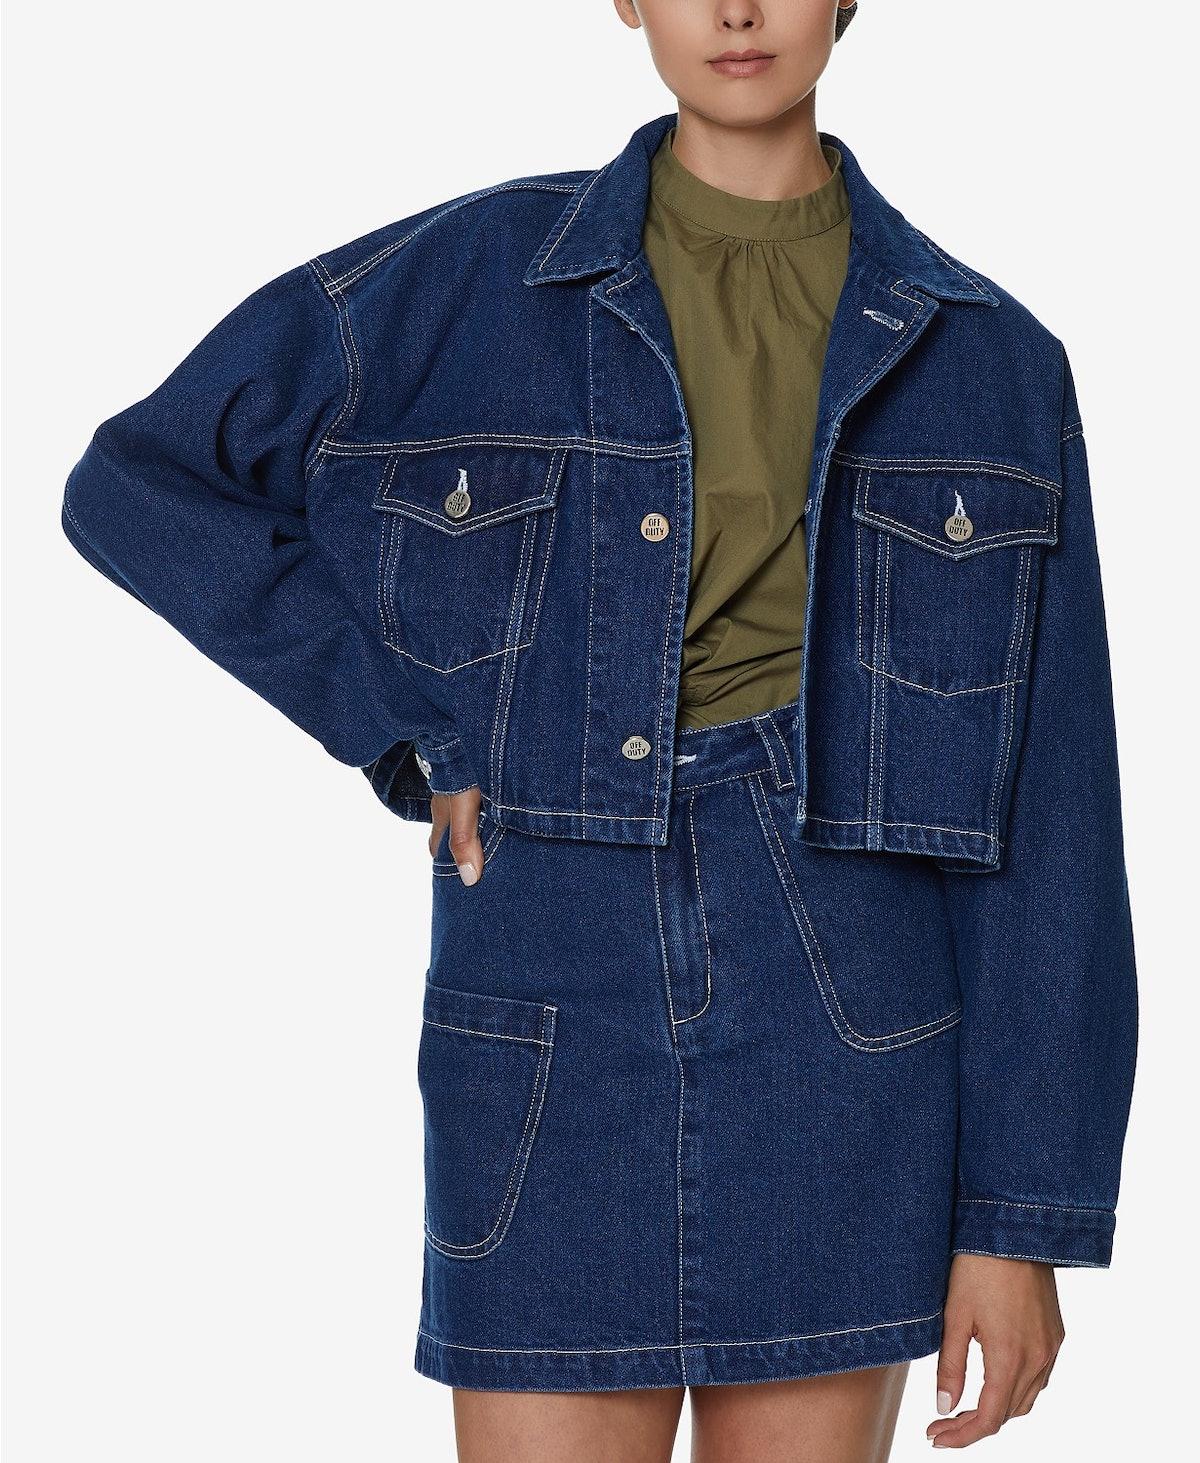 INSPR x Natalie Off Duty Crop Denim Jacket